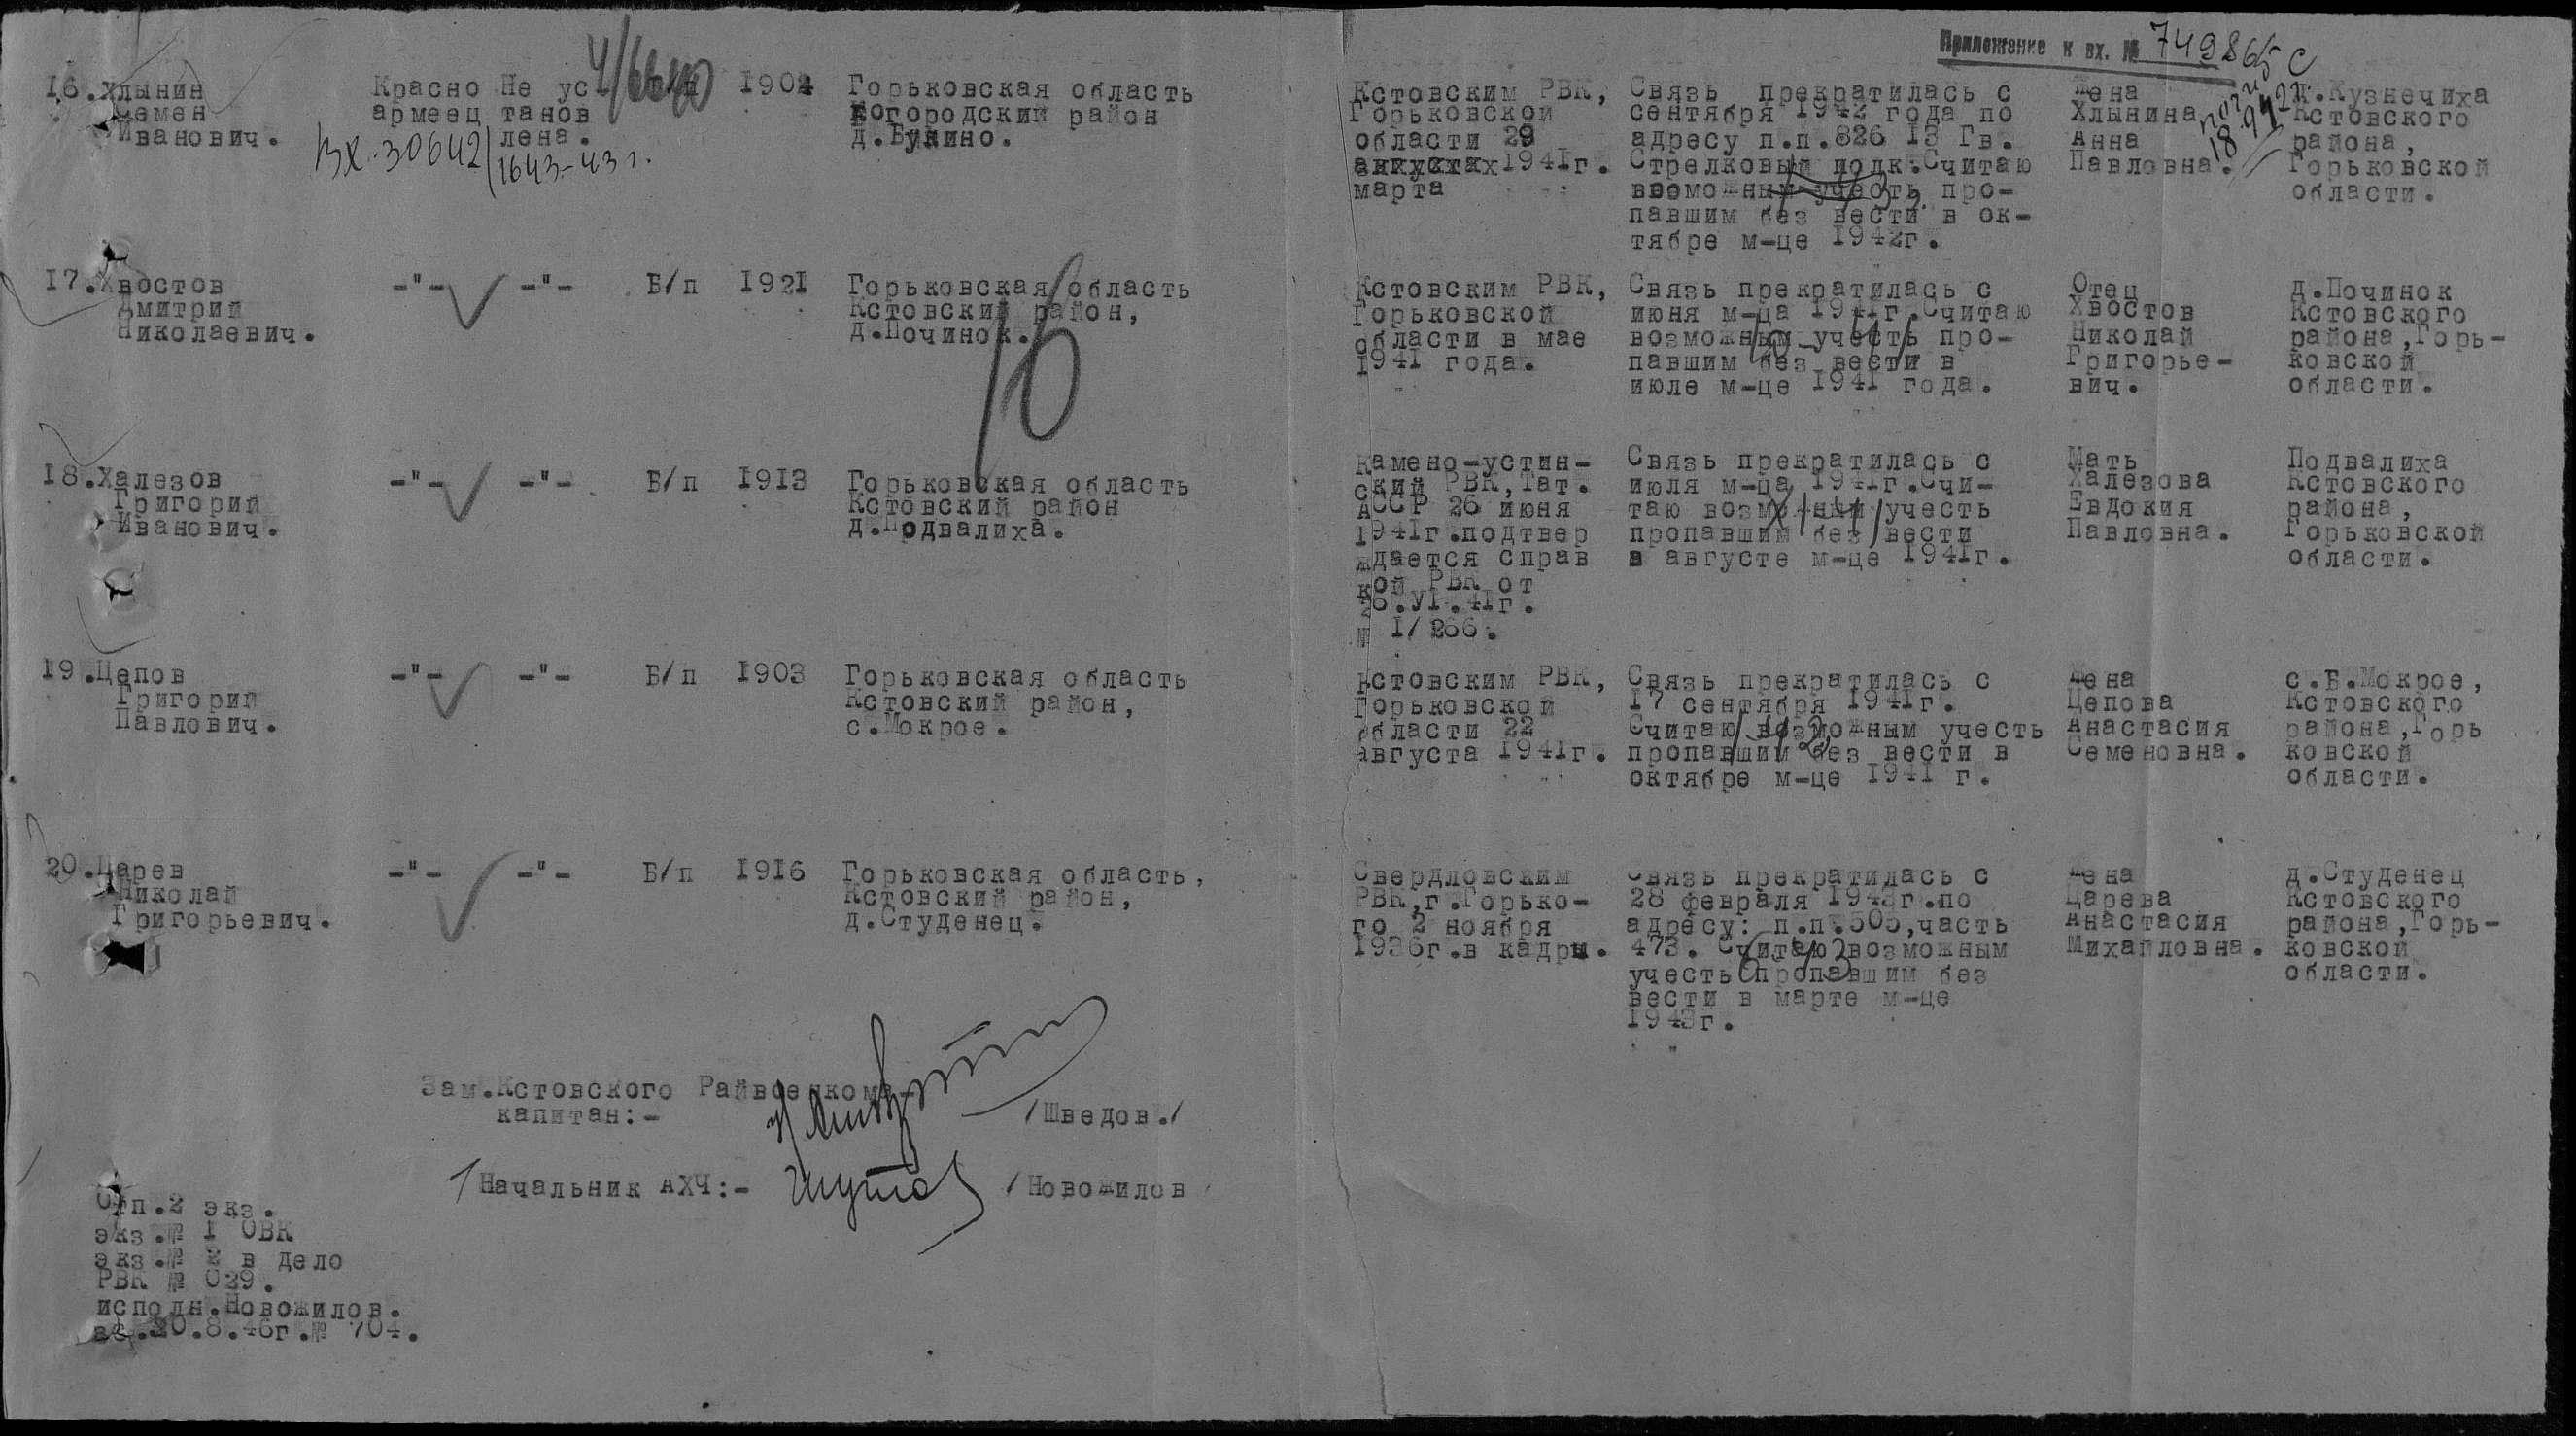 Халезов Григорий Иванович. Сведения из архива ВОВ